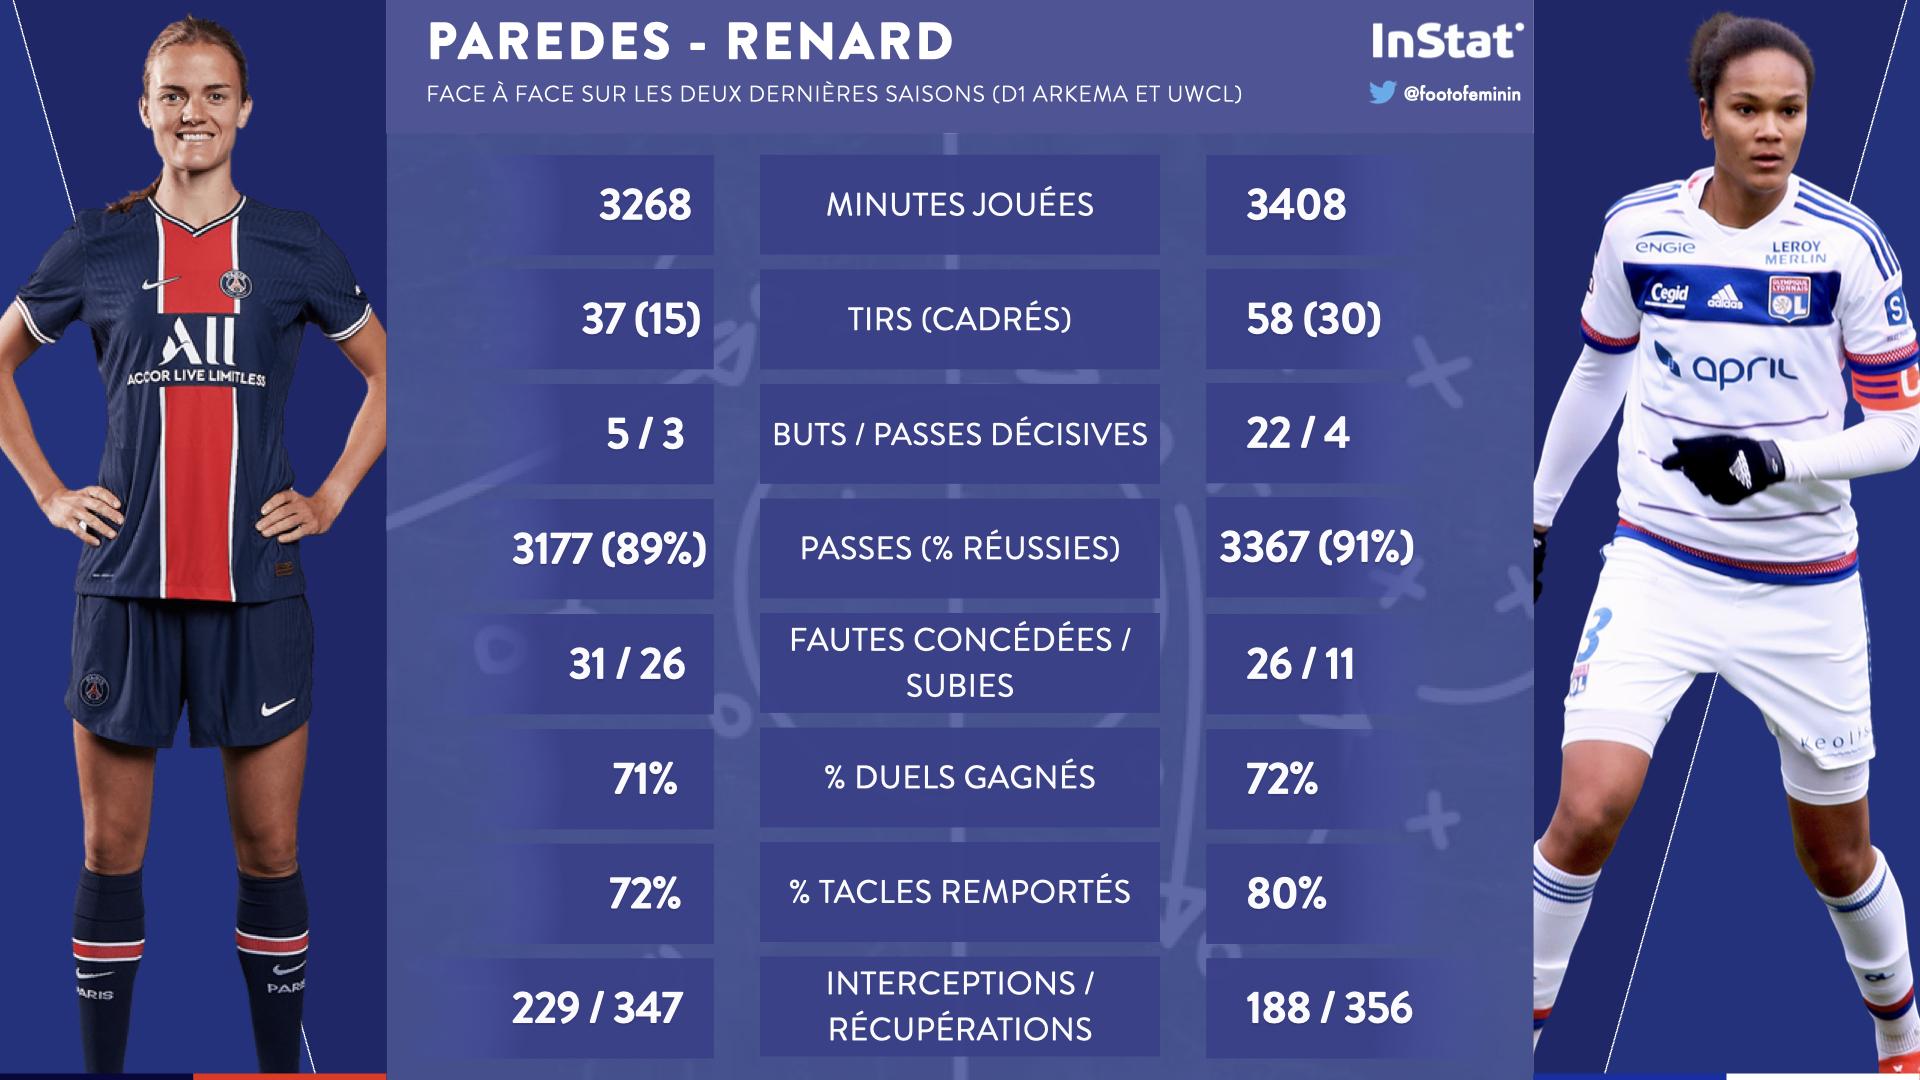 #D1Arkema - OL - PSG : RENARD - PAREDES : duel de capitaines